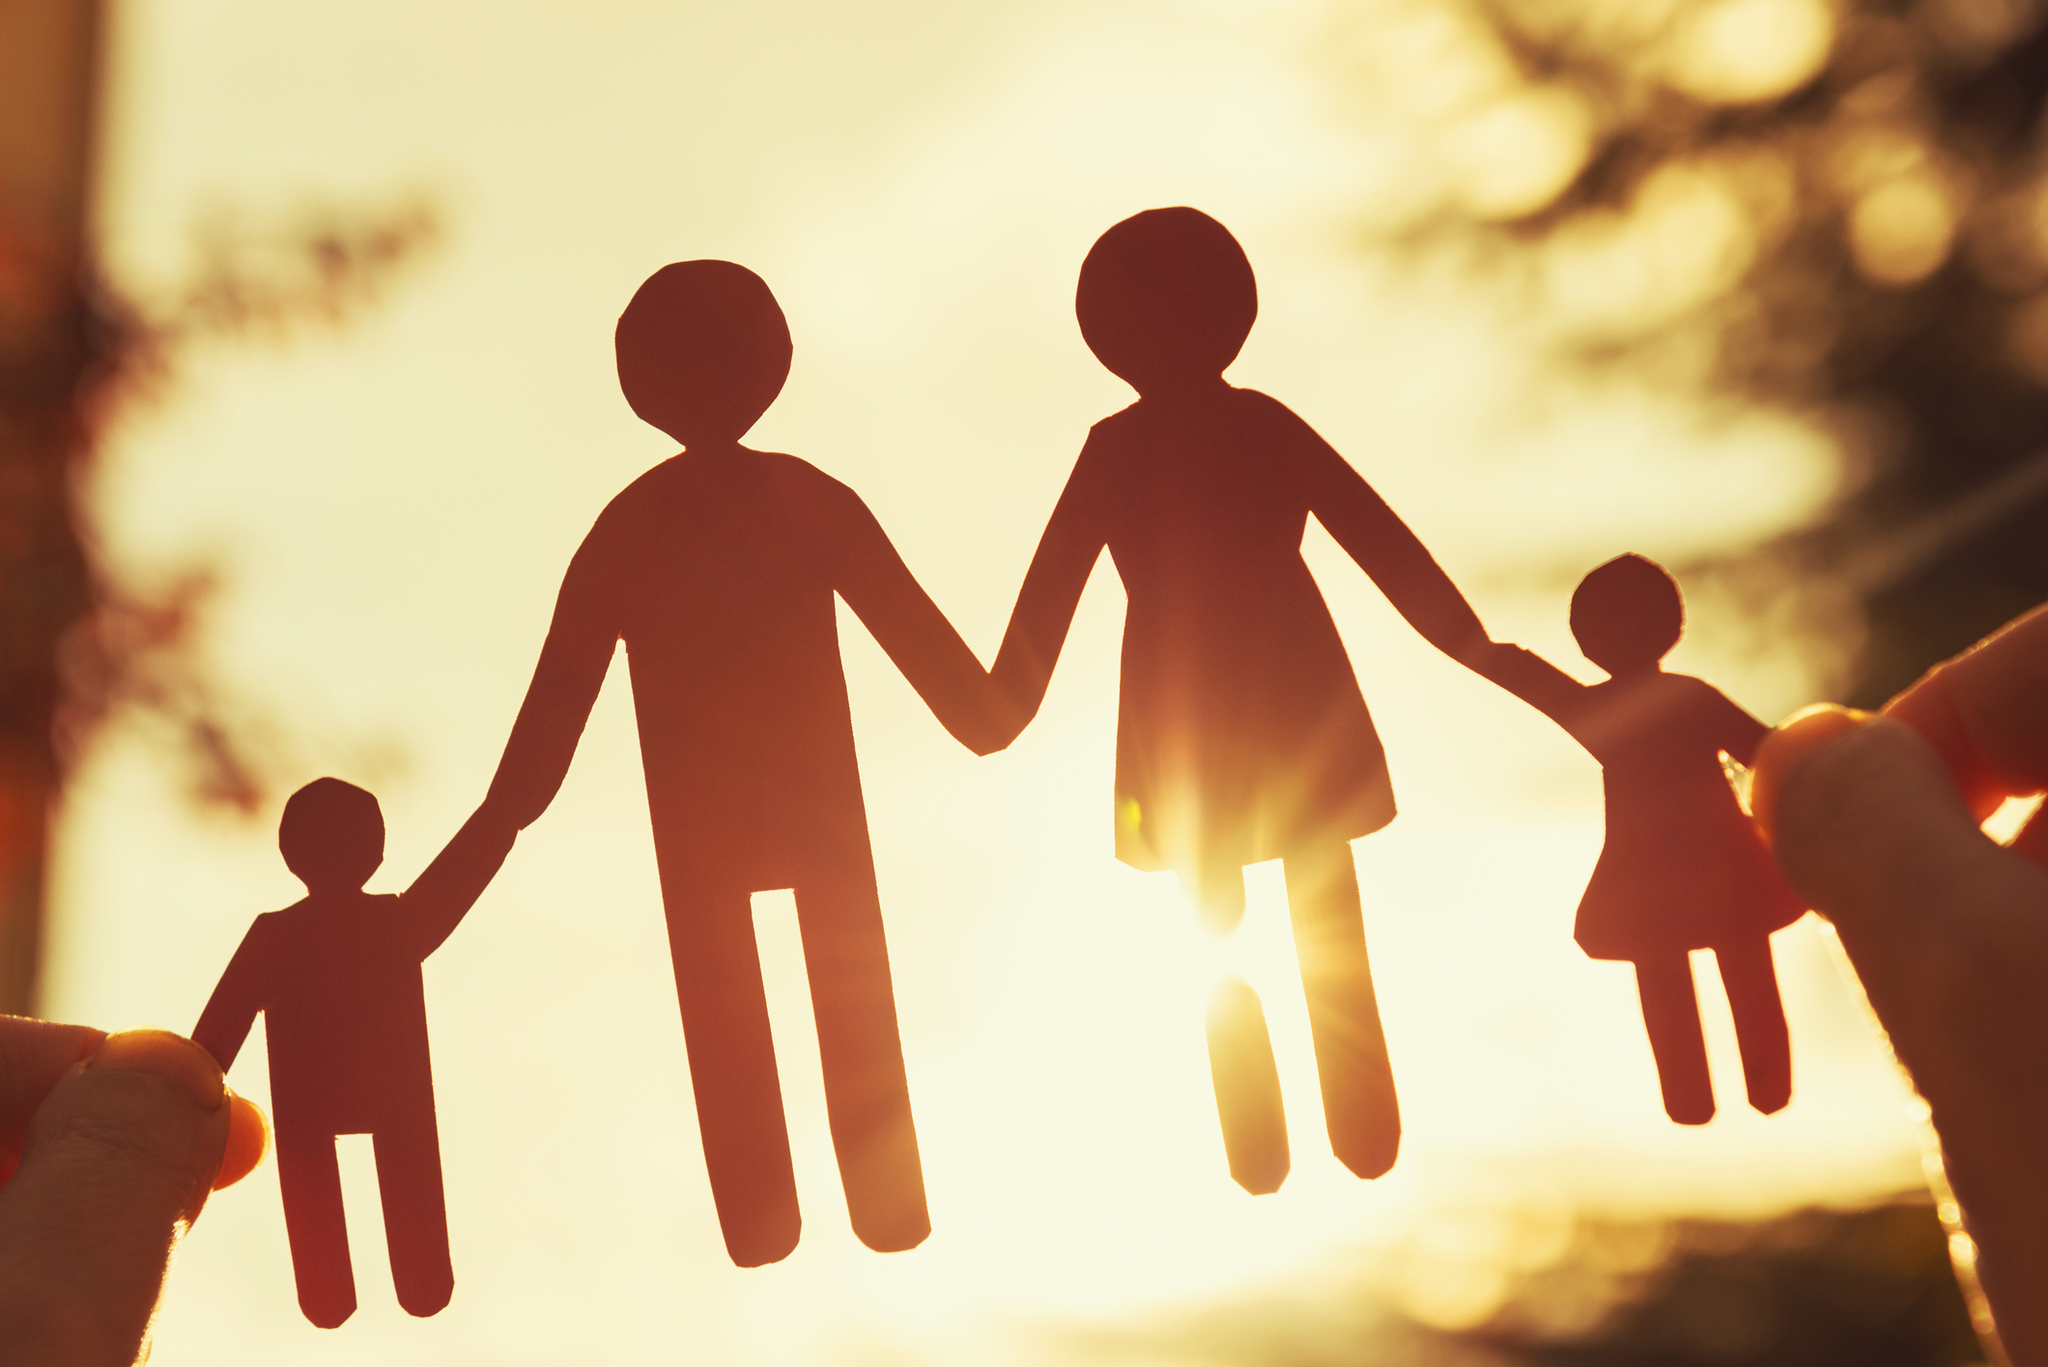 Республиканская методика семейного воспитания с учетом национальных традиций и менталитета народа